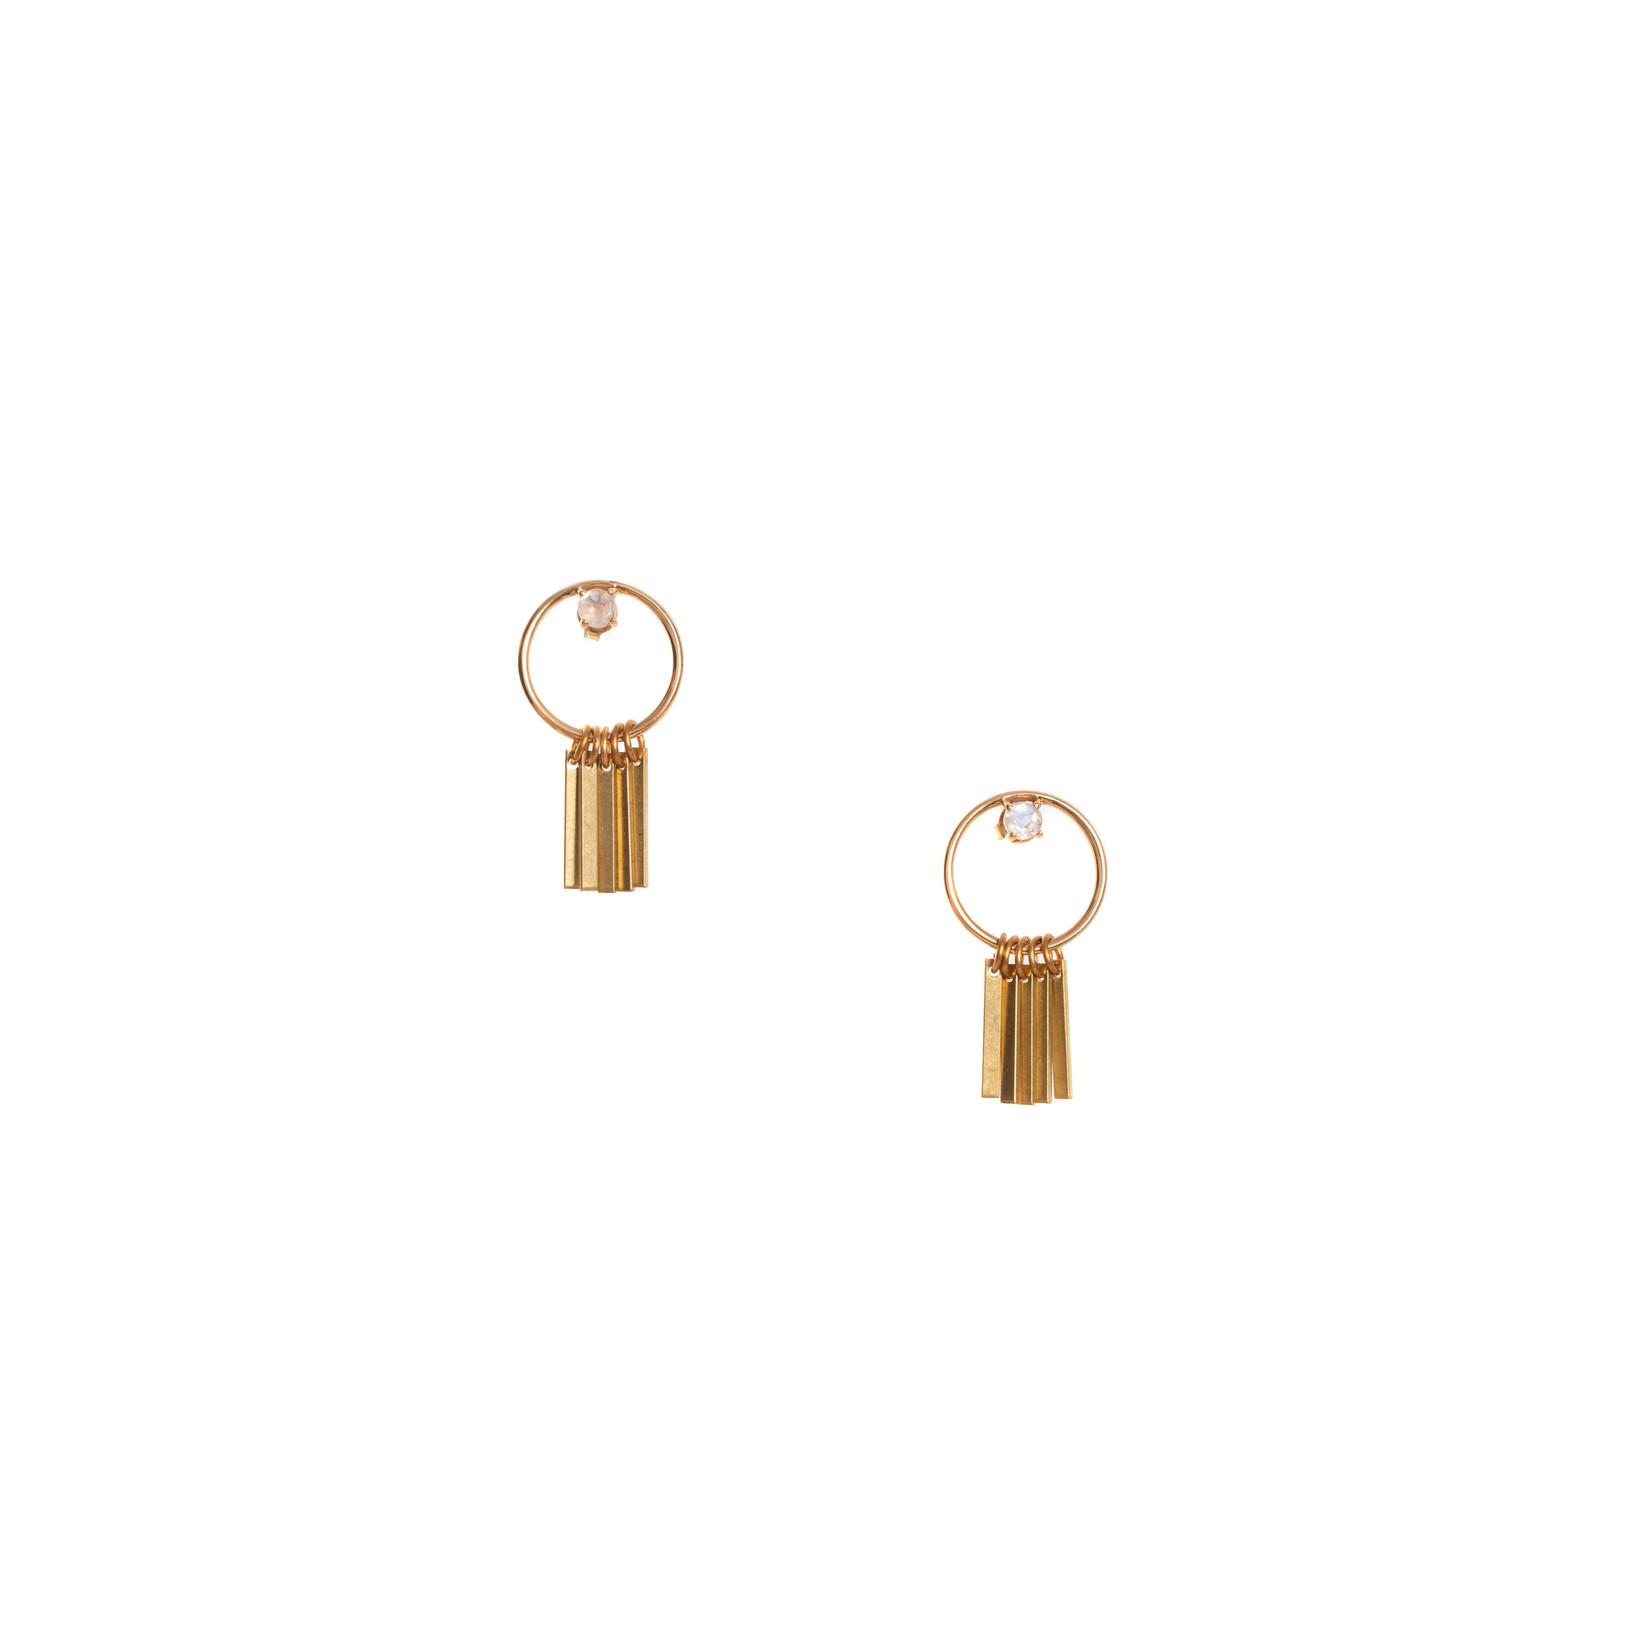 Hailey Gerrits Arbutus Stud Earrings